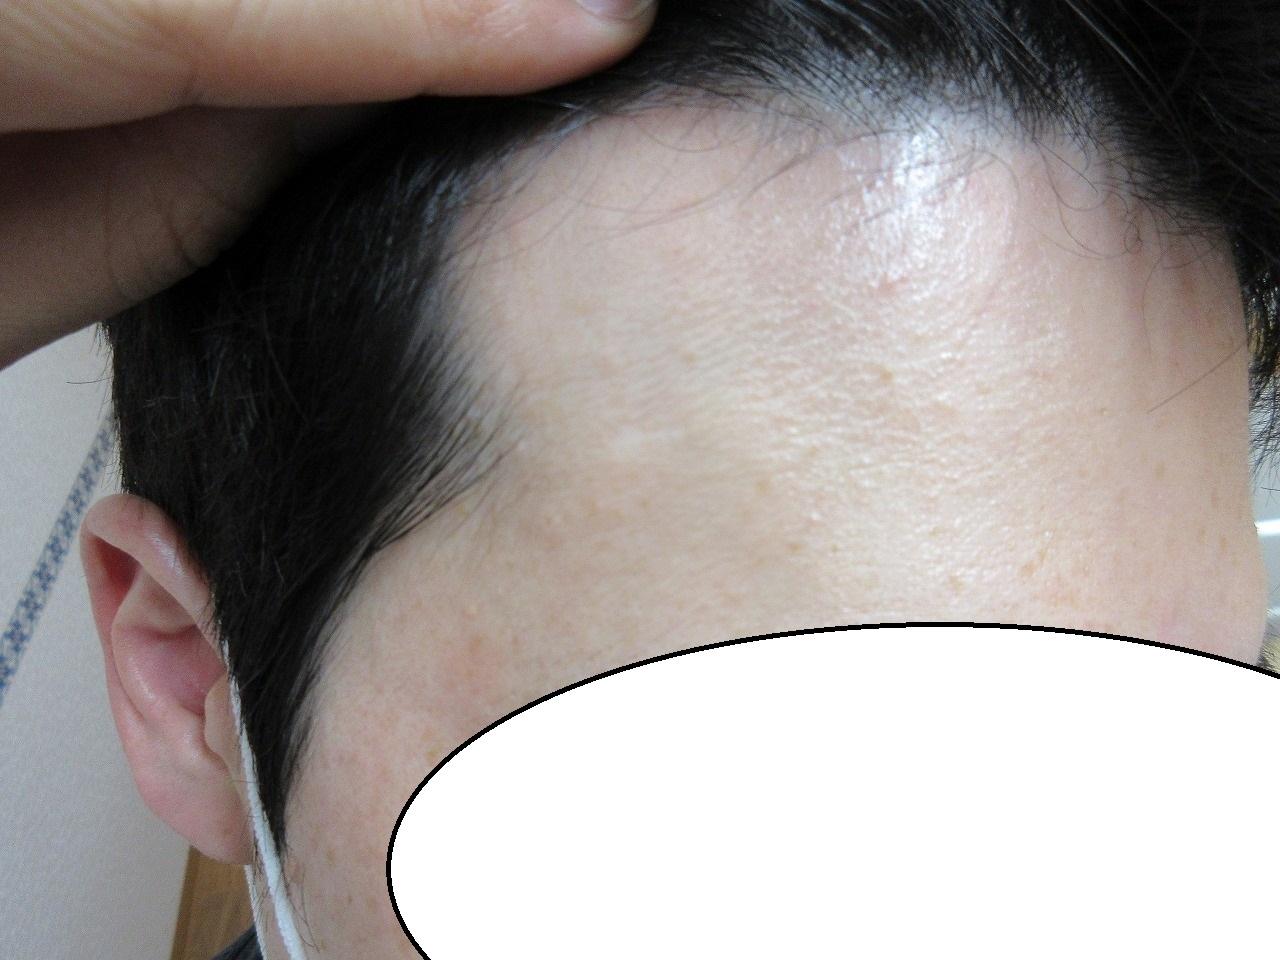 額の大きなほくろ、切除後1.5年目の経過。かなり傷はきれいです。